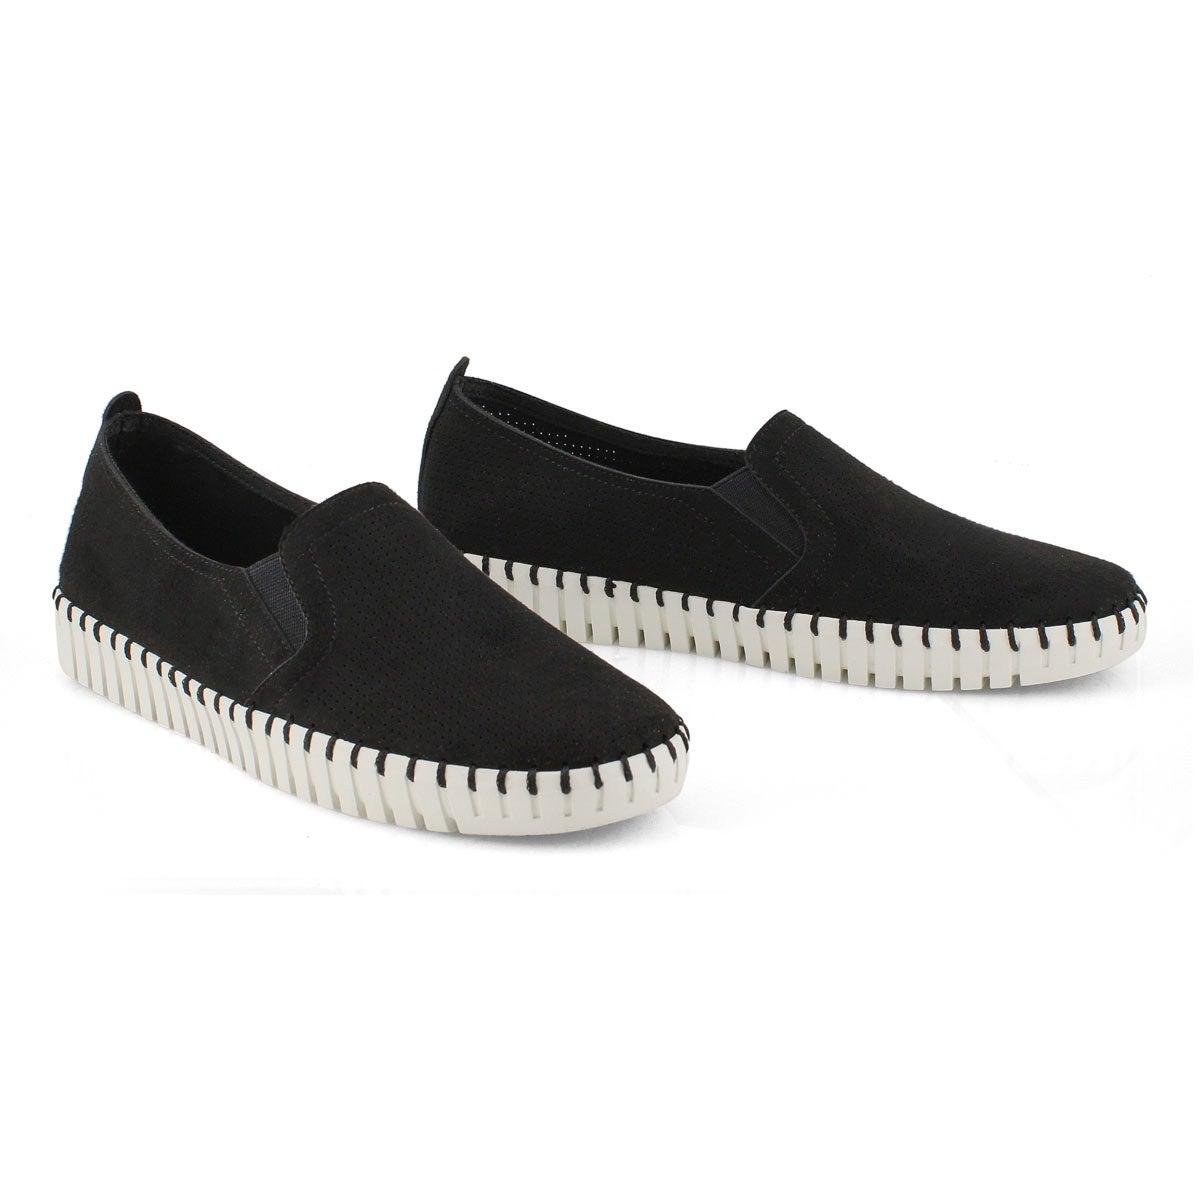 Women's SEPULVEDA BLVD black slip on sneakers